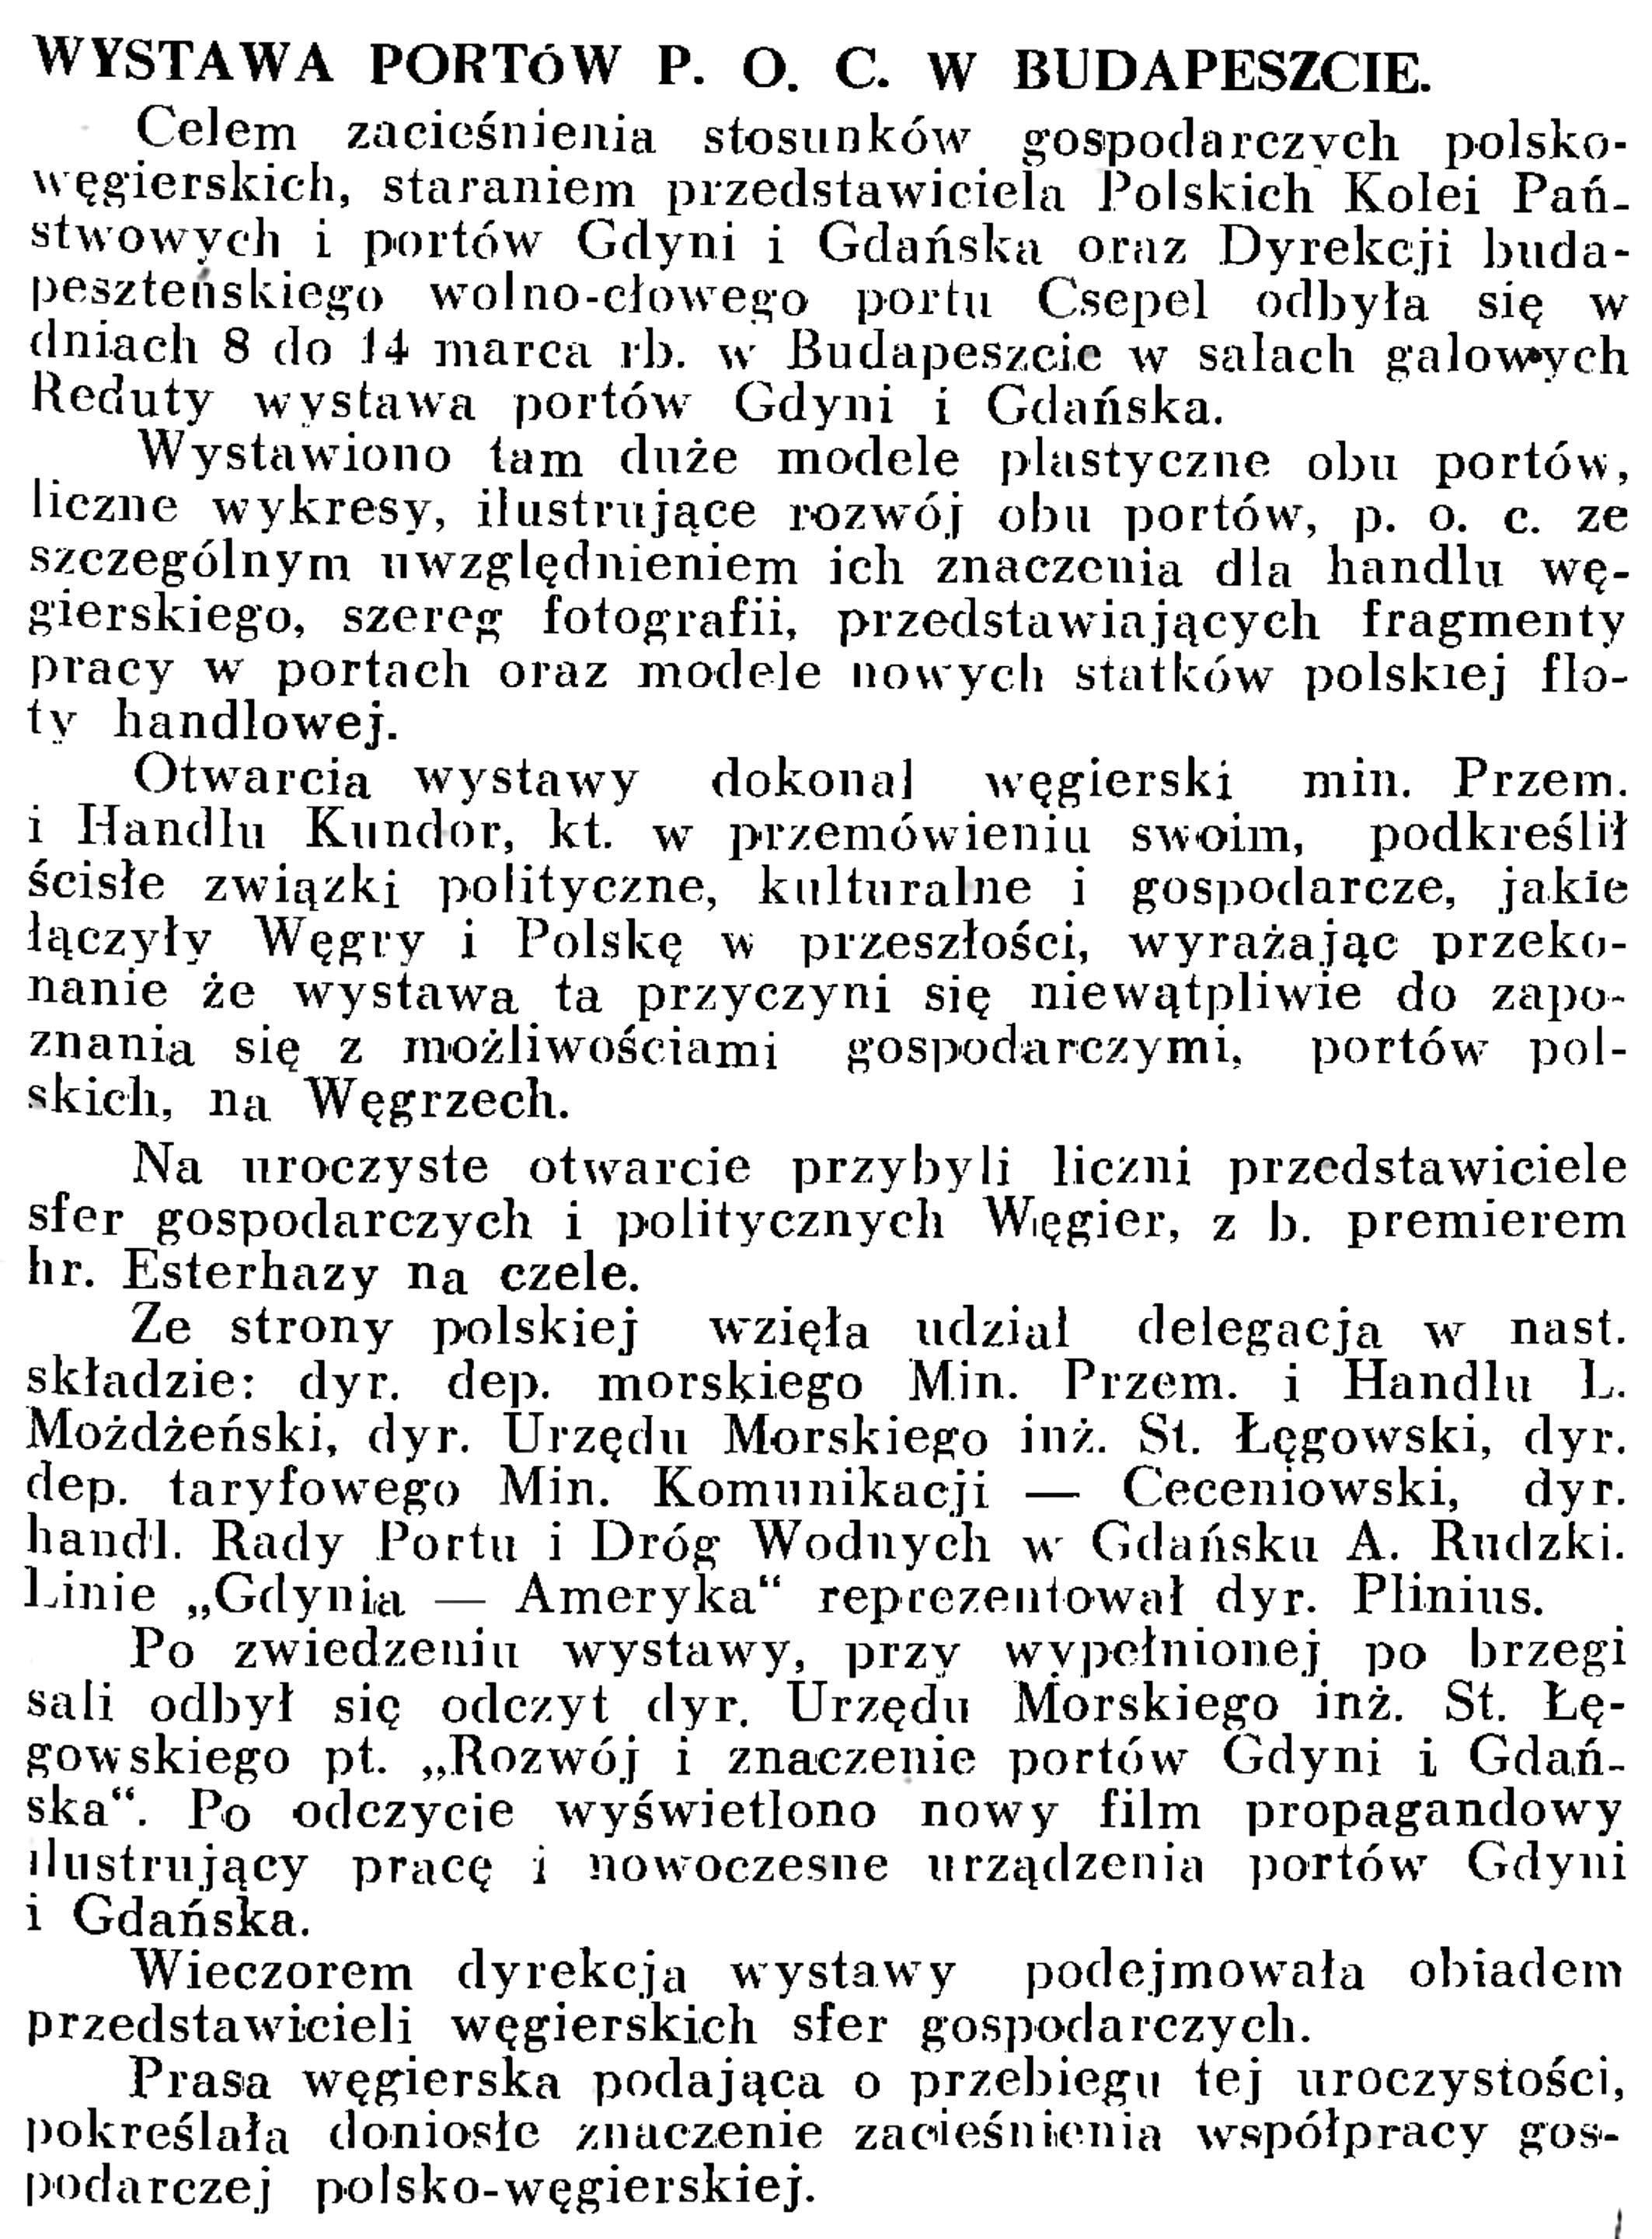 Wystawa portów P. O. C. w Budapeszcie // Wiadomości Portowe. - 1939, nr 3, s. 15